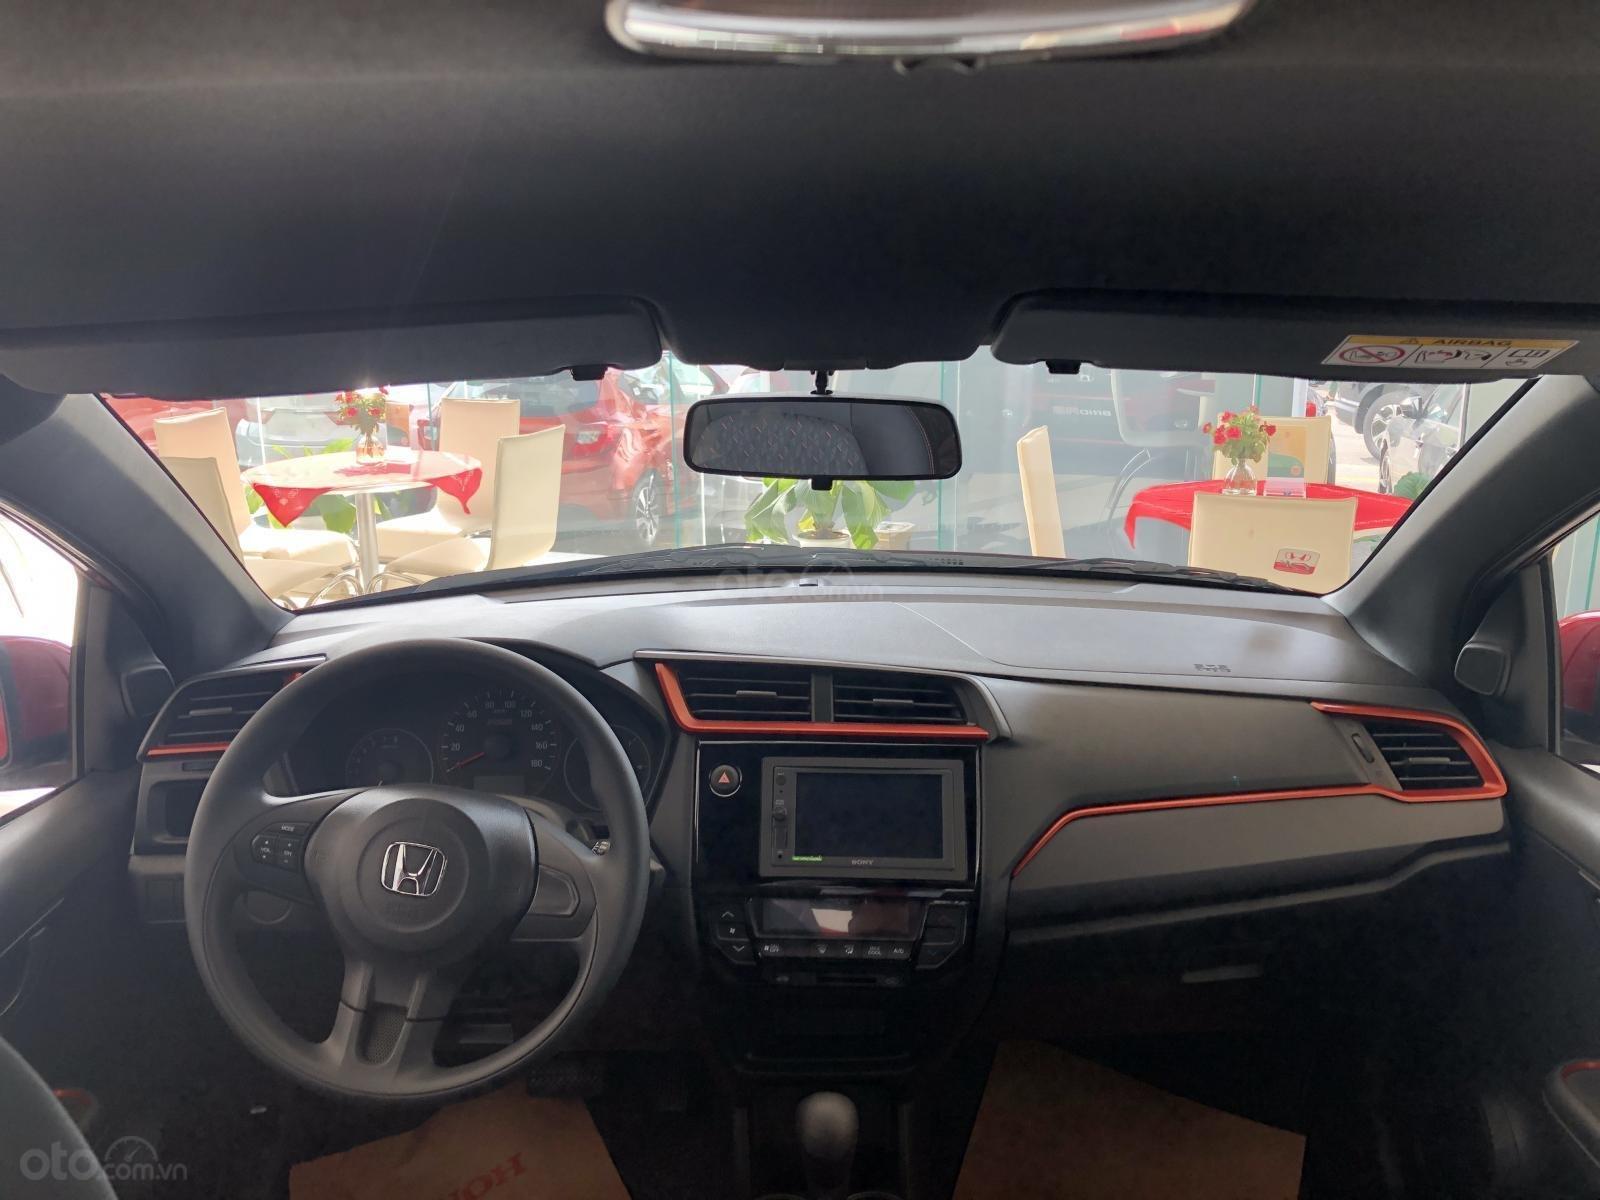 Cần bán xe Honda Brio RS đời 2019, màu trắng, xe nhập mới 100% (4)